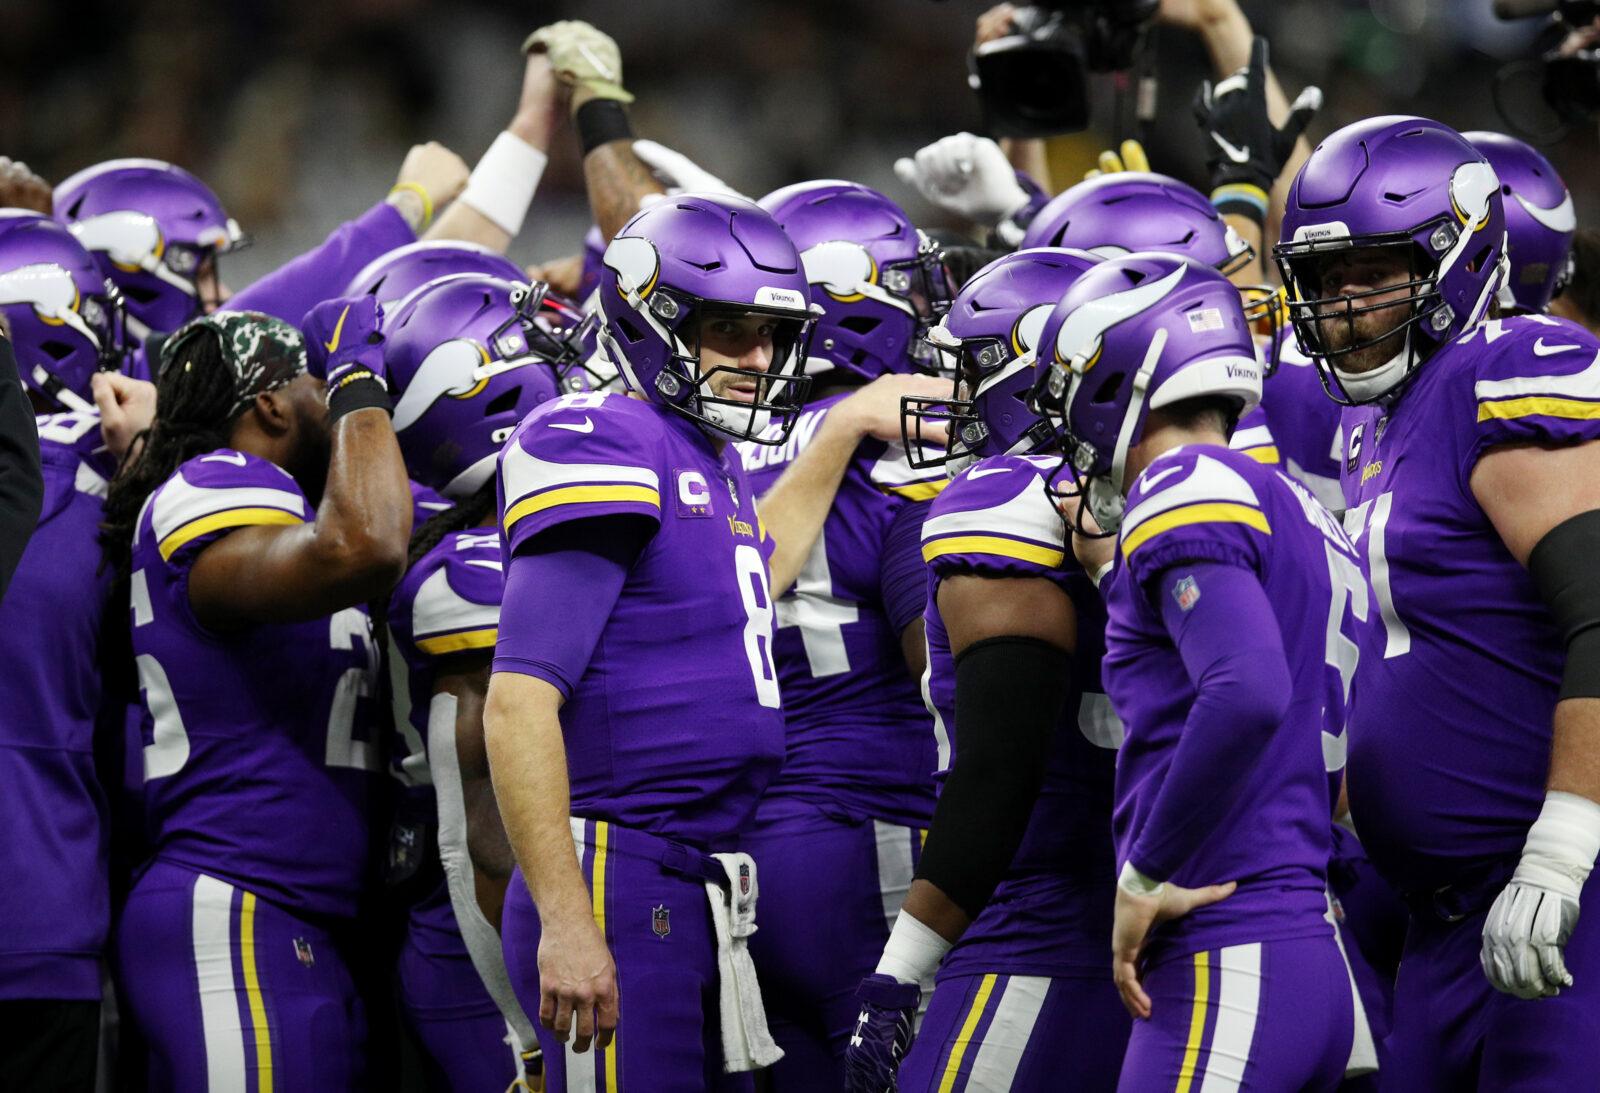 Vikings team needs